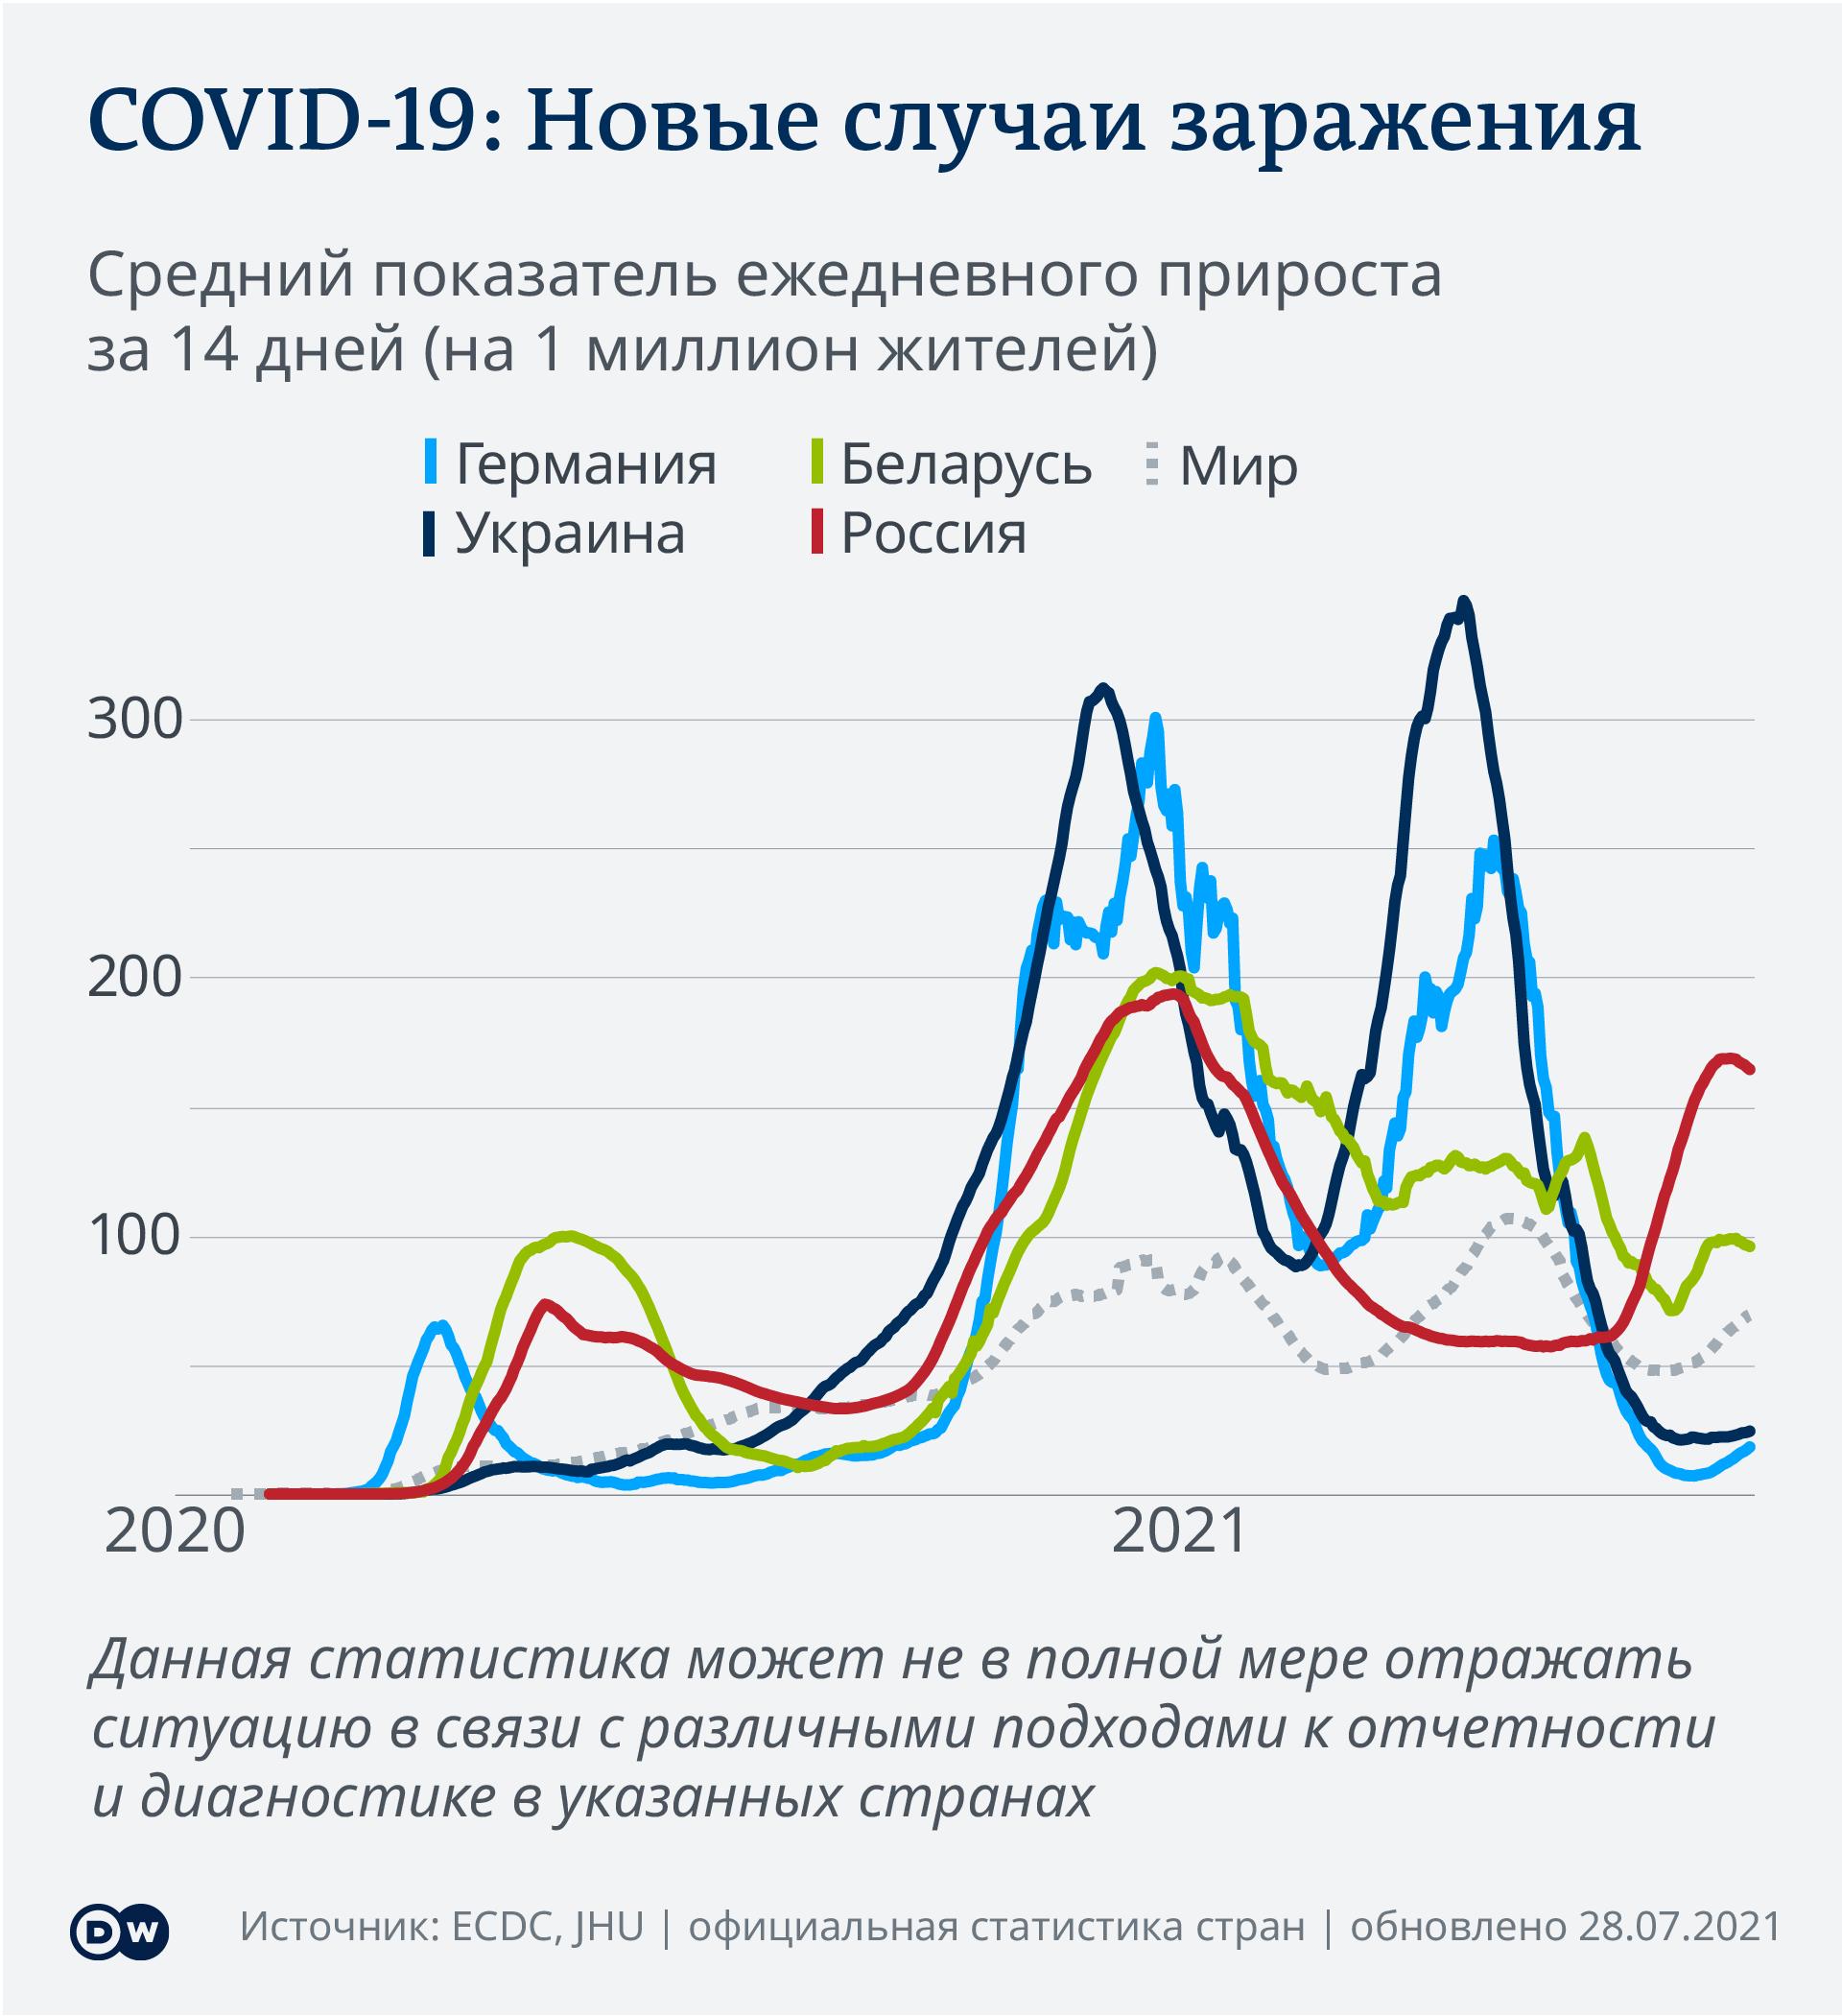 График прироста заражений COVID-19 в мире, Германии, России, Беларуси и Украине